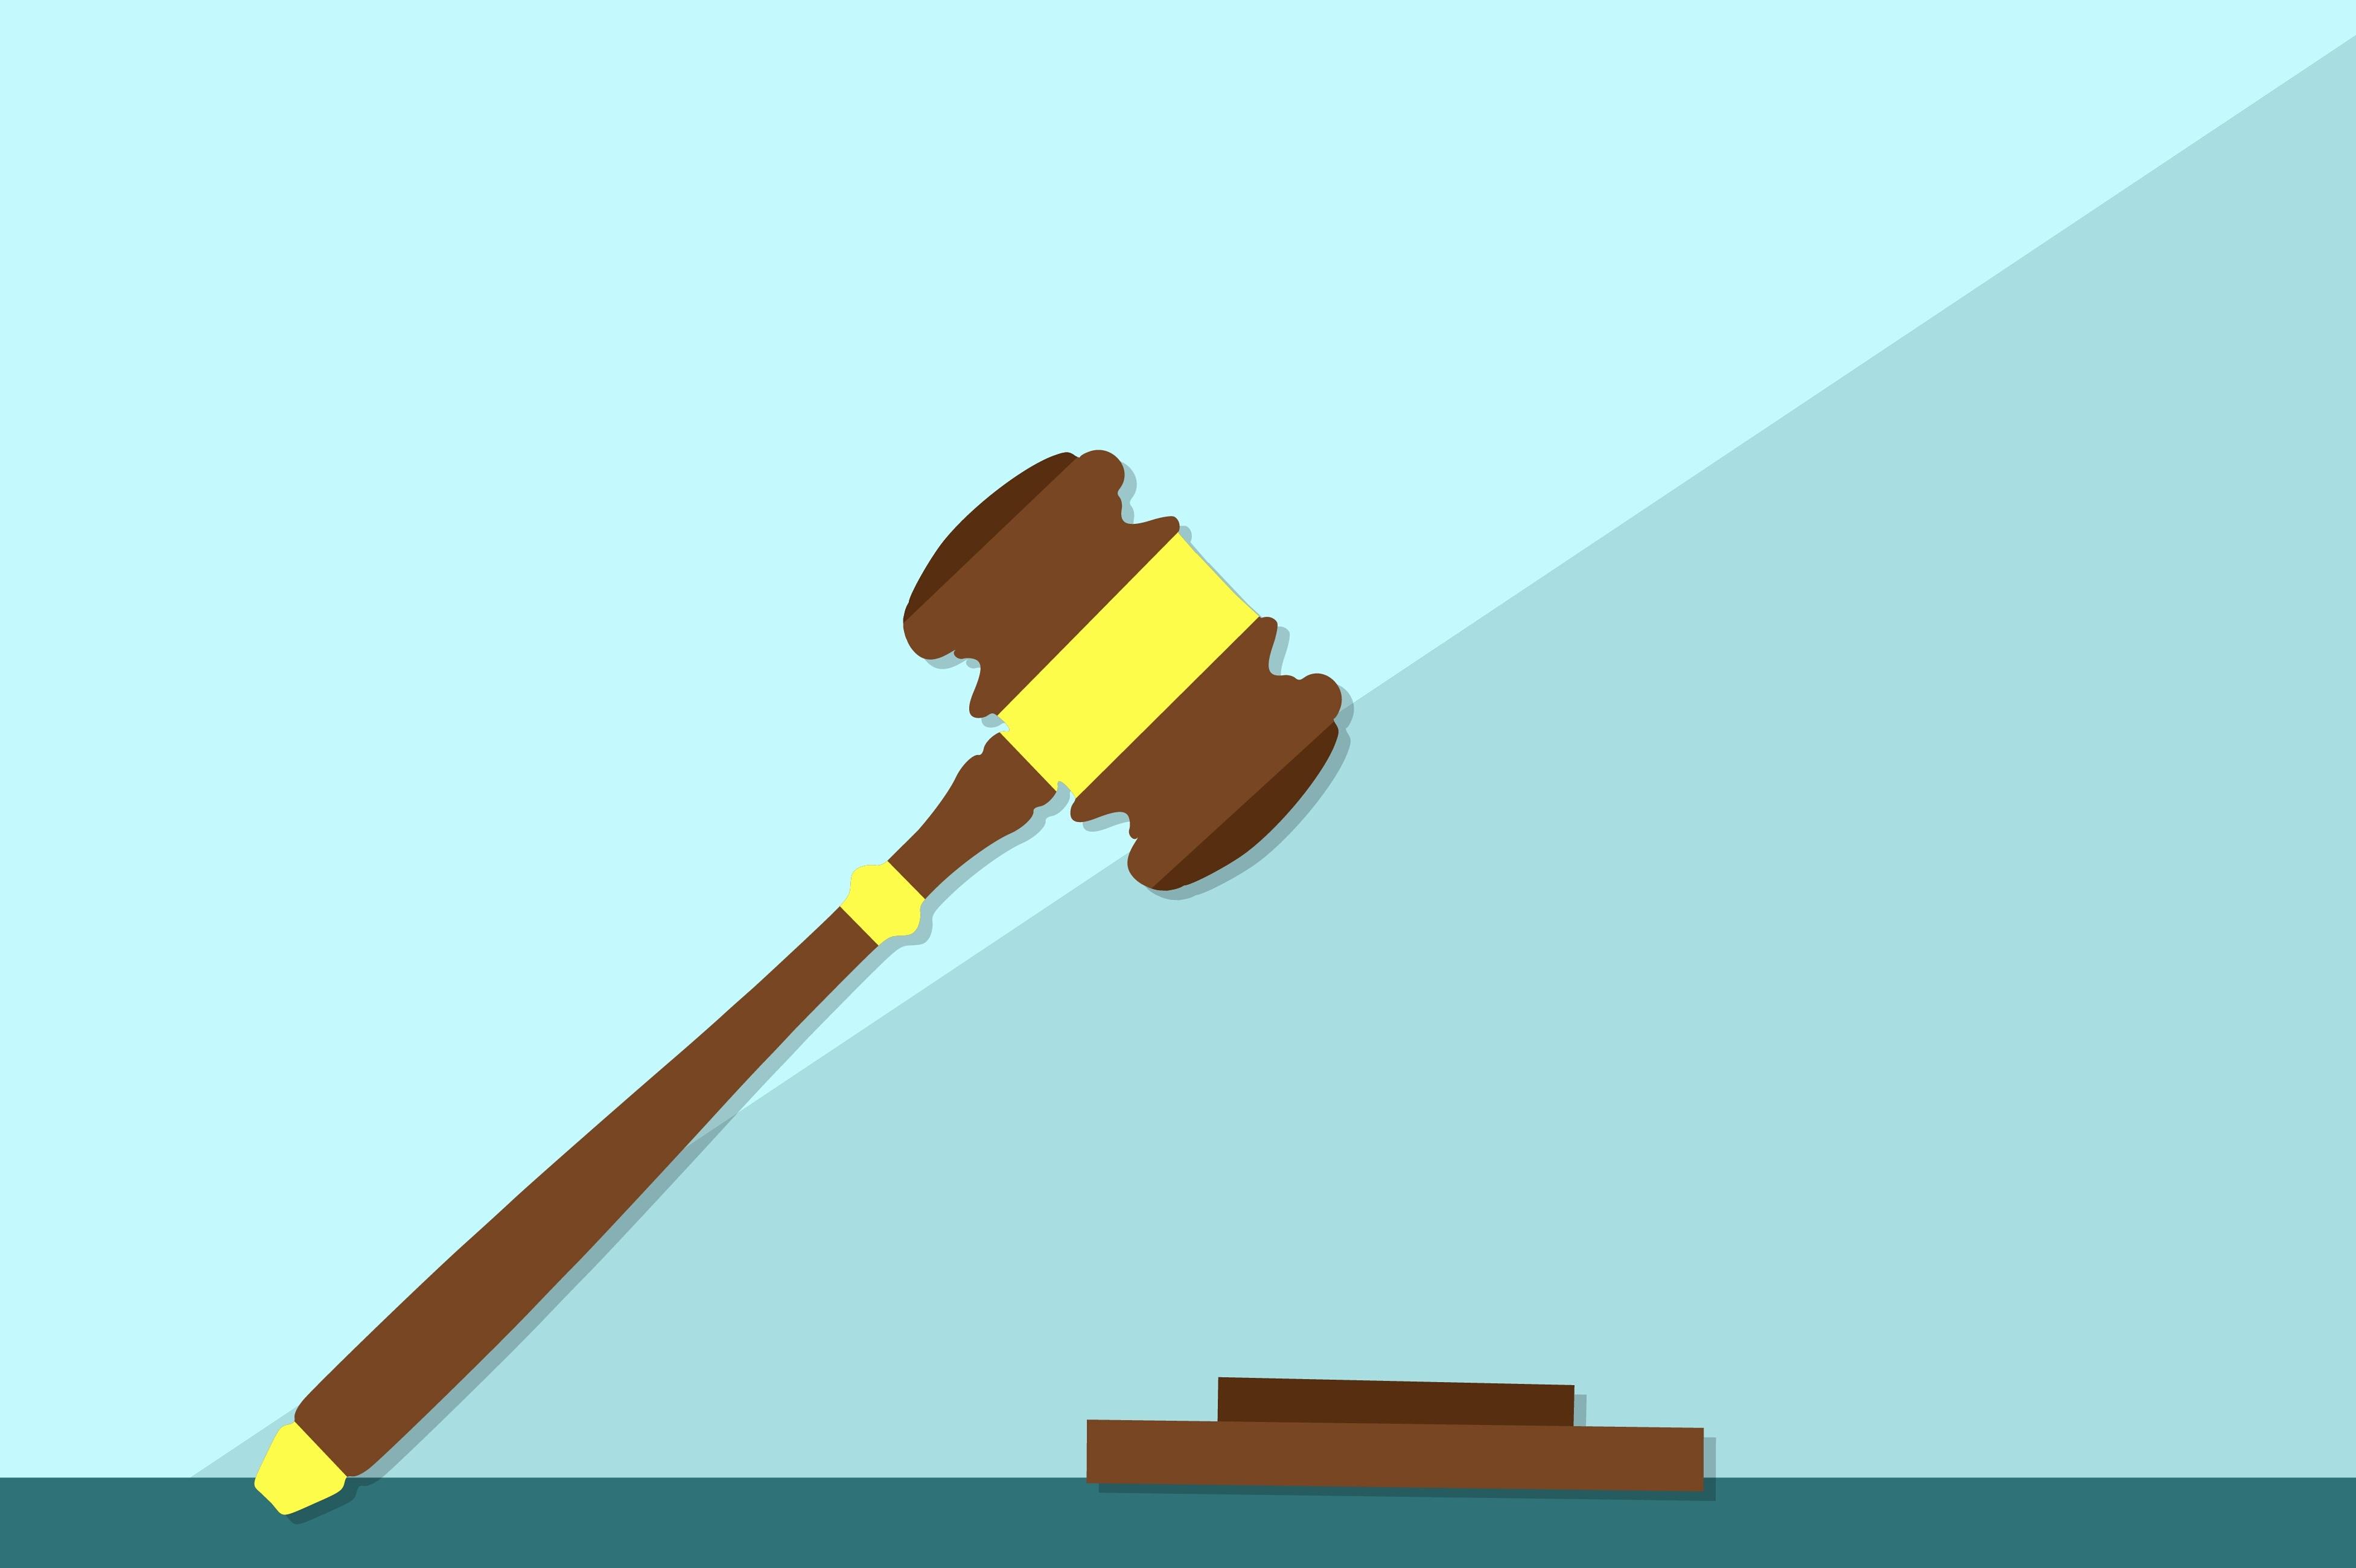 Hình Ảnh : Sự Công Bằng, Bằng Gỗ, Thẩm Phán, Pháp Luật, Luật Sư, Cây Búa,  Vật, Gỗ, Con Mồi, Biểu Tượng, Bán Đấu Giá, Thỏa Thuận, Thẩm Quyền, Bang, ...